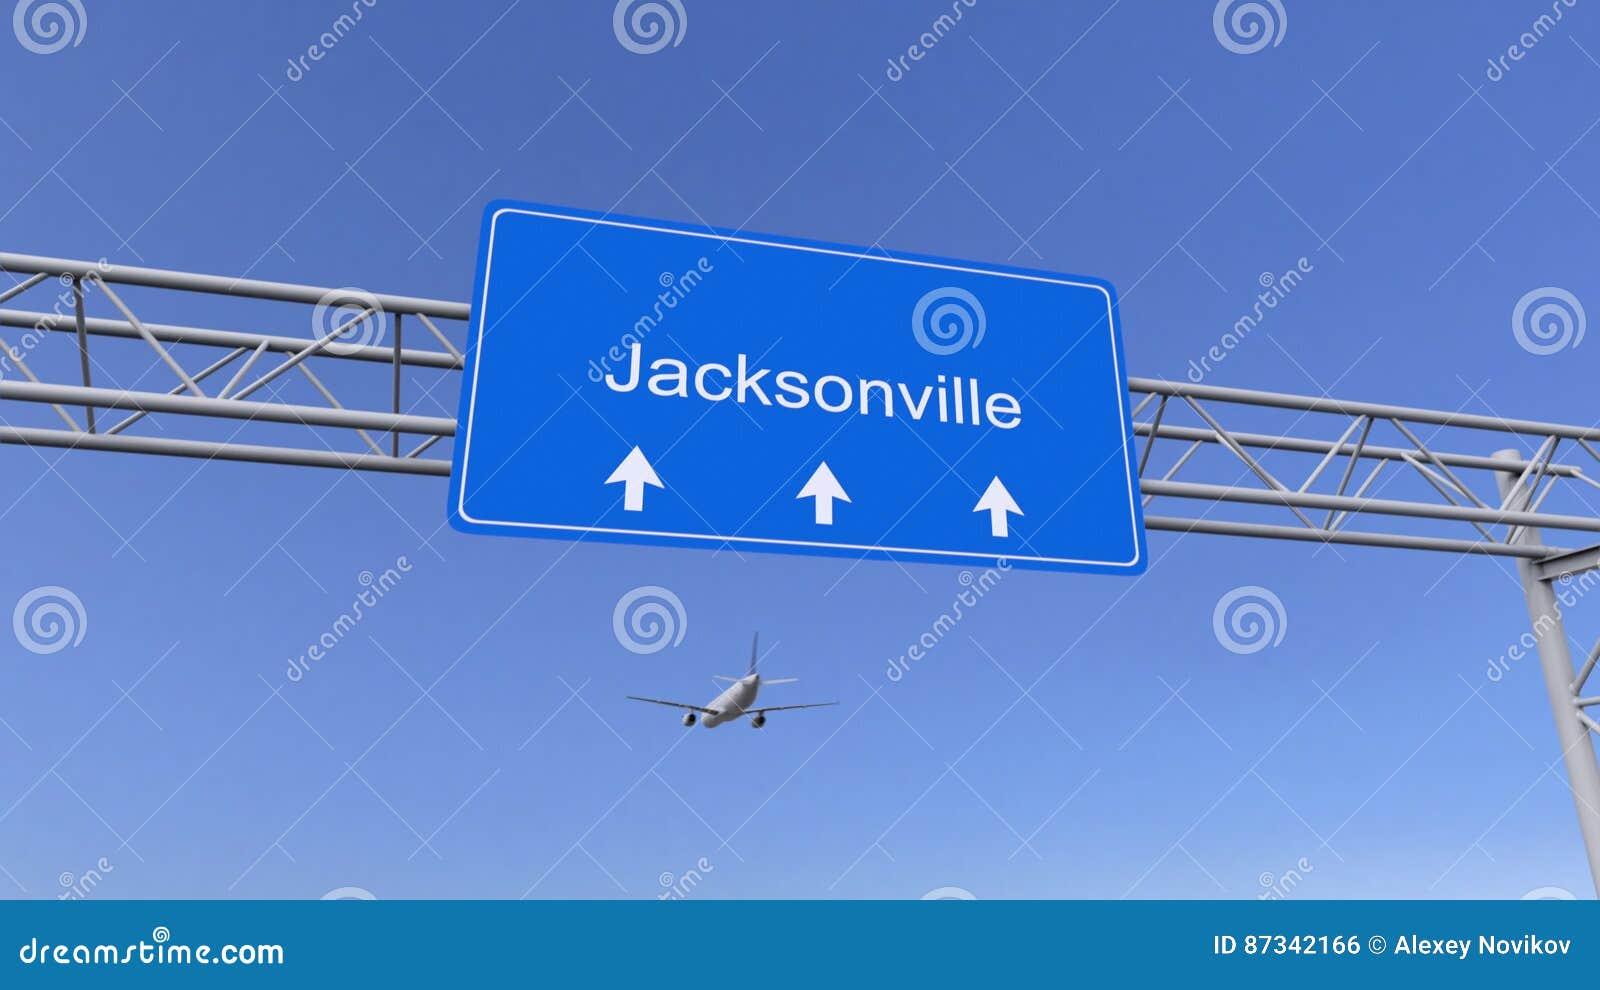 Handlowy samolotowy przyjeżdżać Jacksonville lotnisko Podróżować Stany Zjednoczone konceptualny 3D rendering